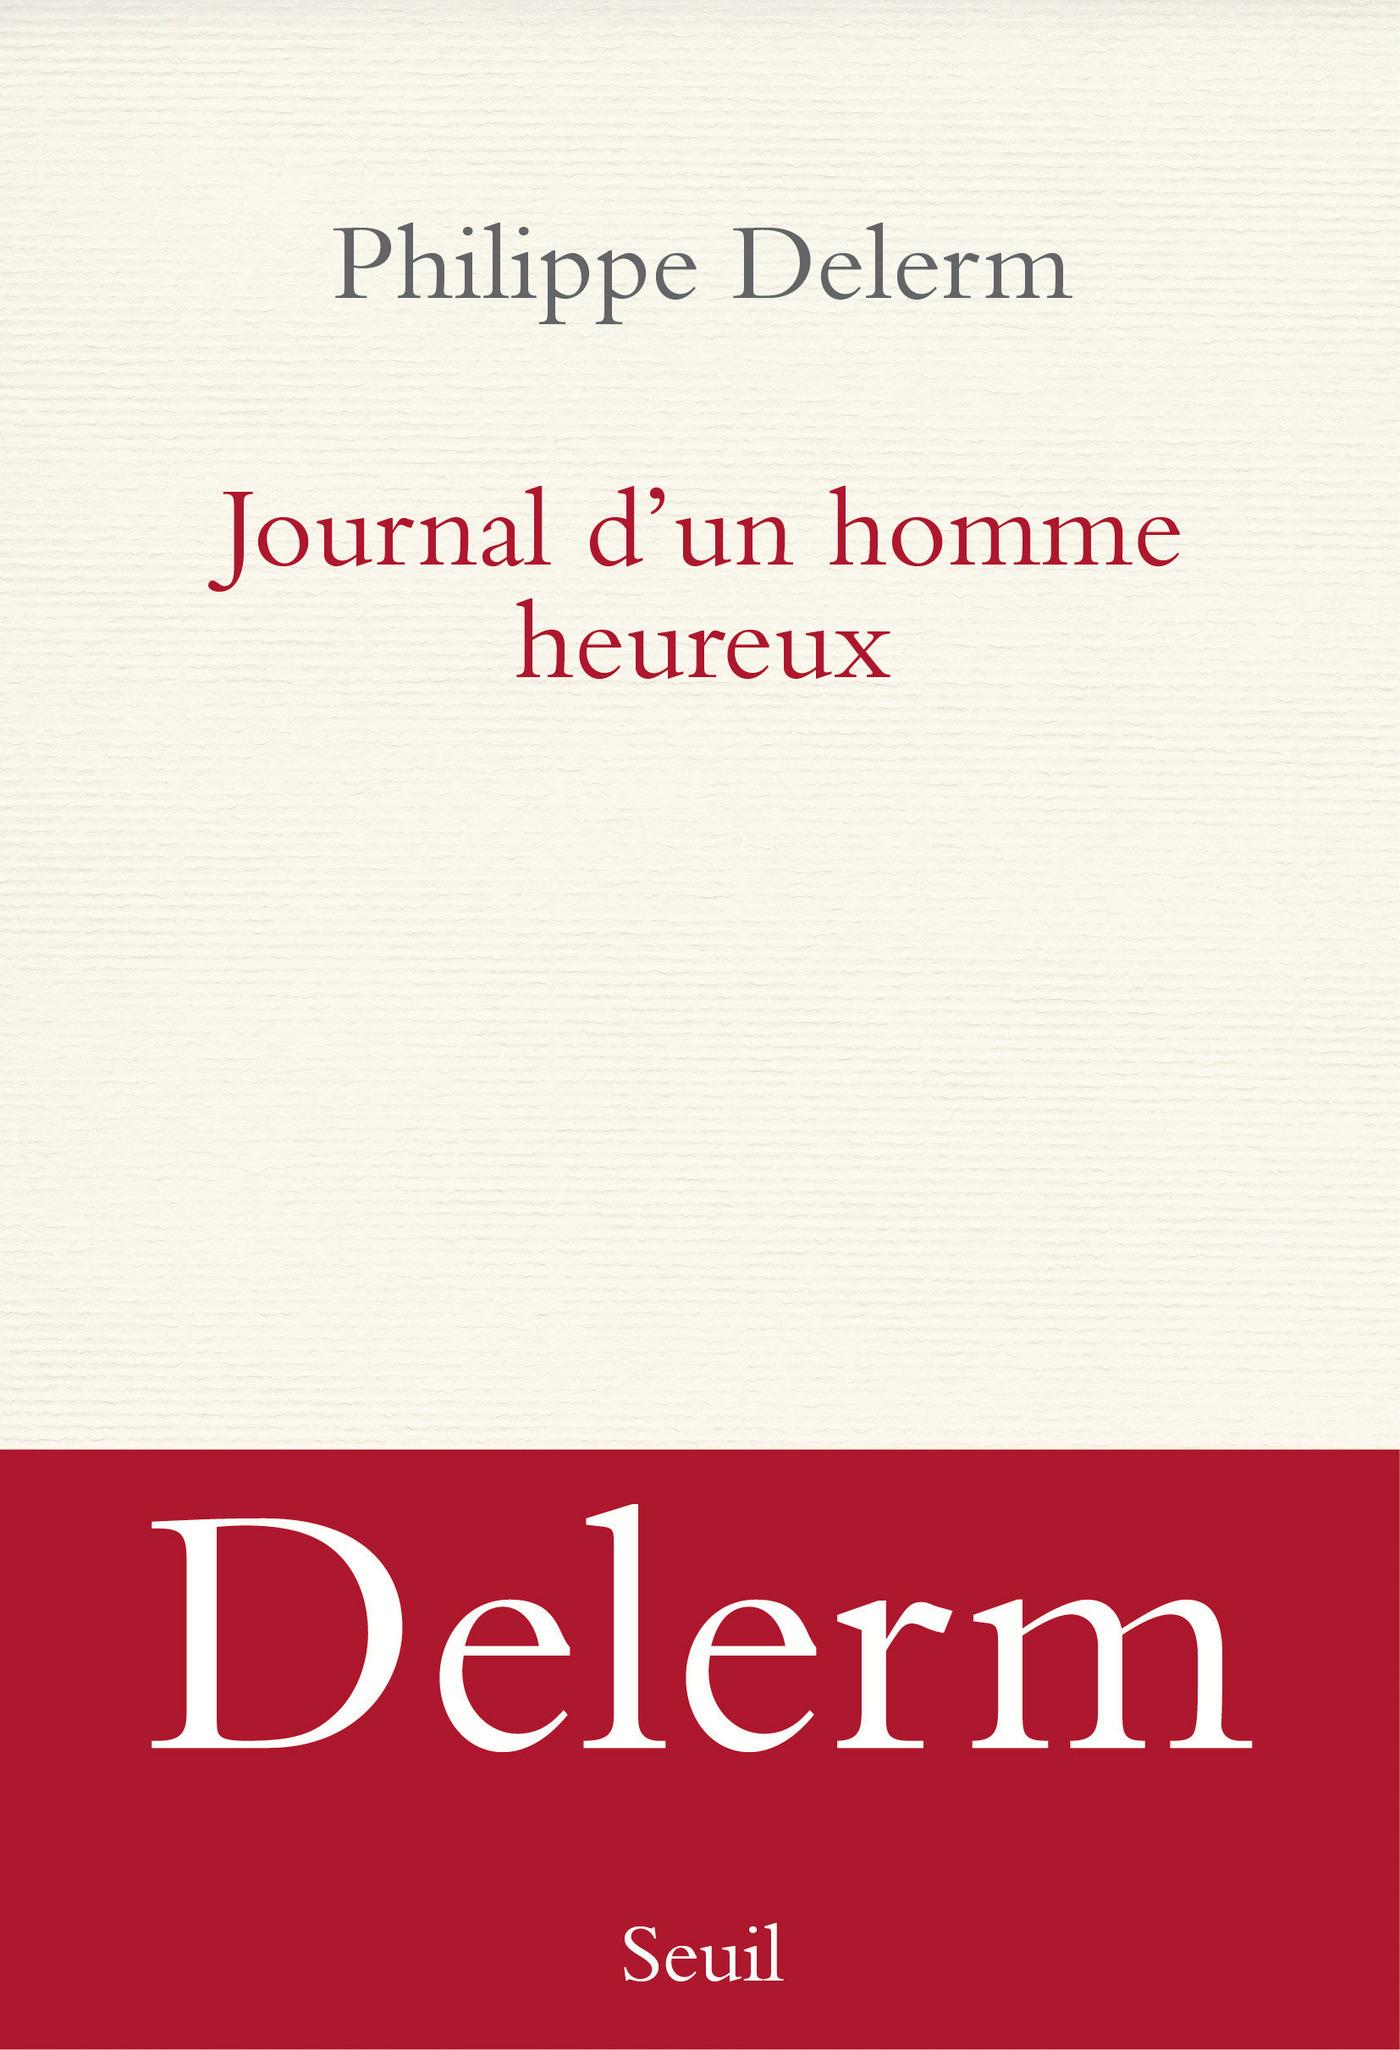 Journal d'un homme heureux | Delerm, Philippe